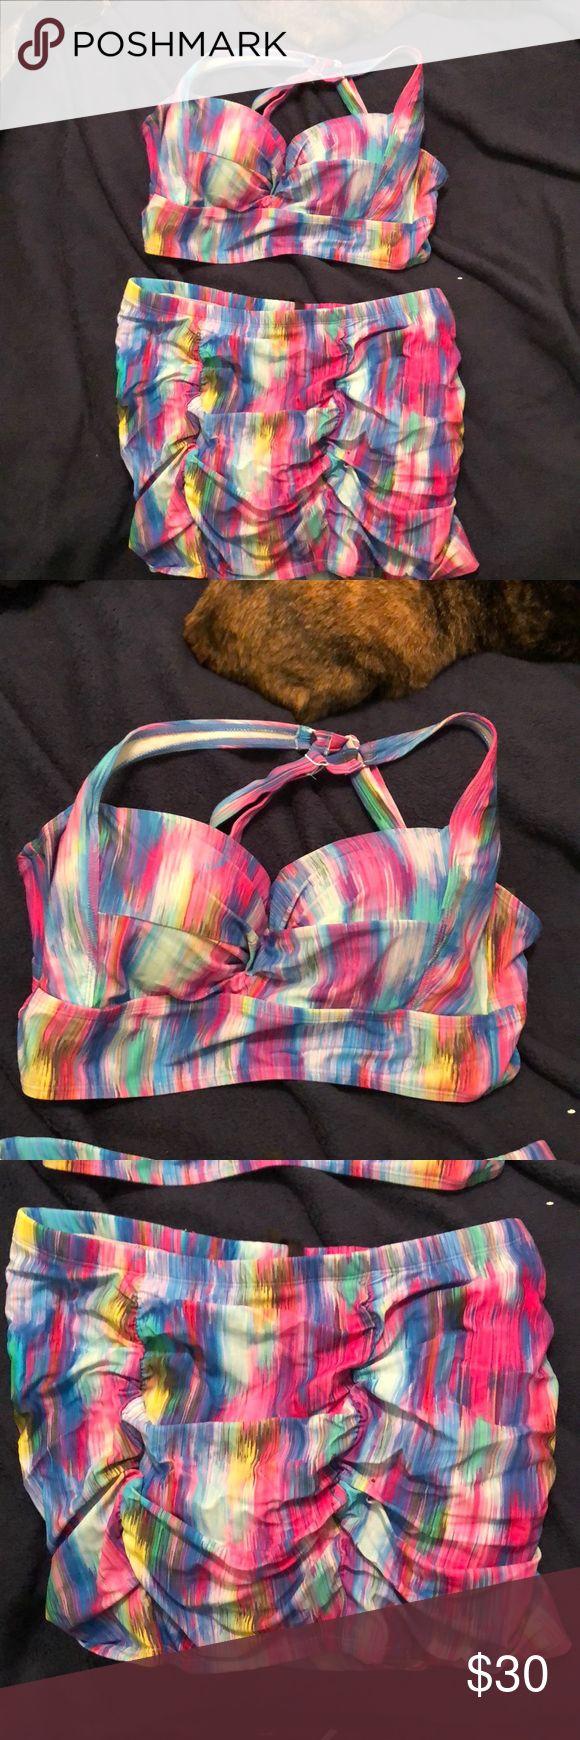 Torrid bikini Torrid bikini, worn once. Size 0 in Torrid sizes, which is a 12 in standard sizes. Bottom is a ruched skirt torrid Swim Bikinis